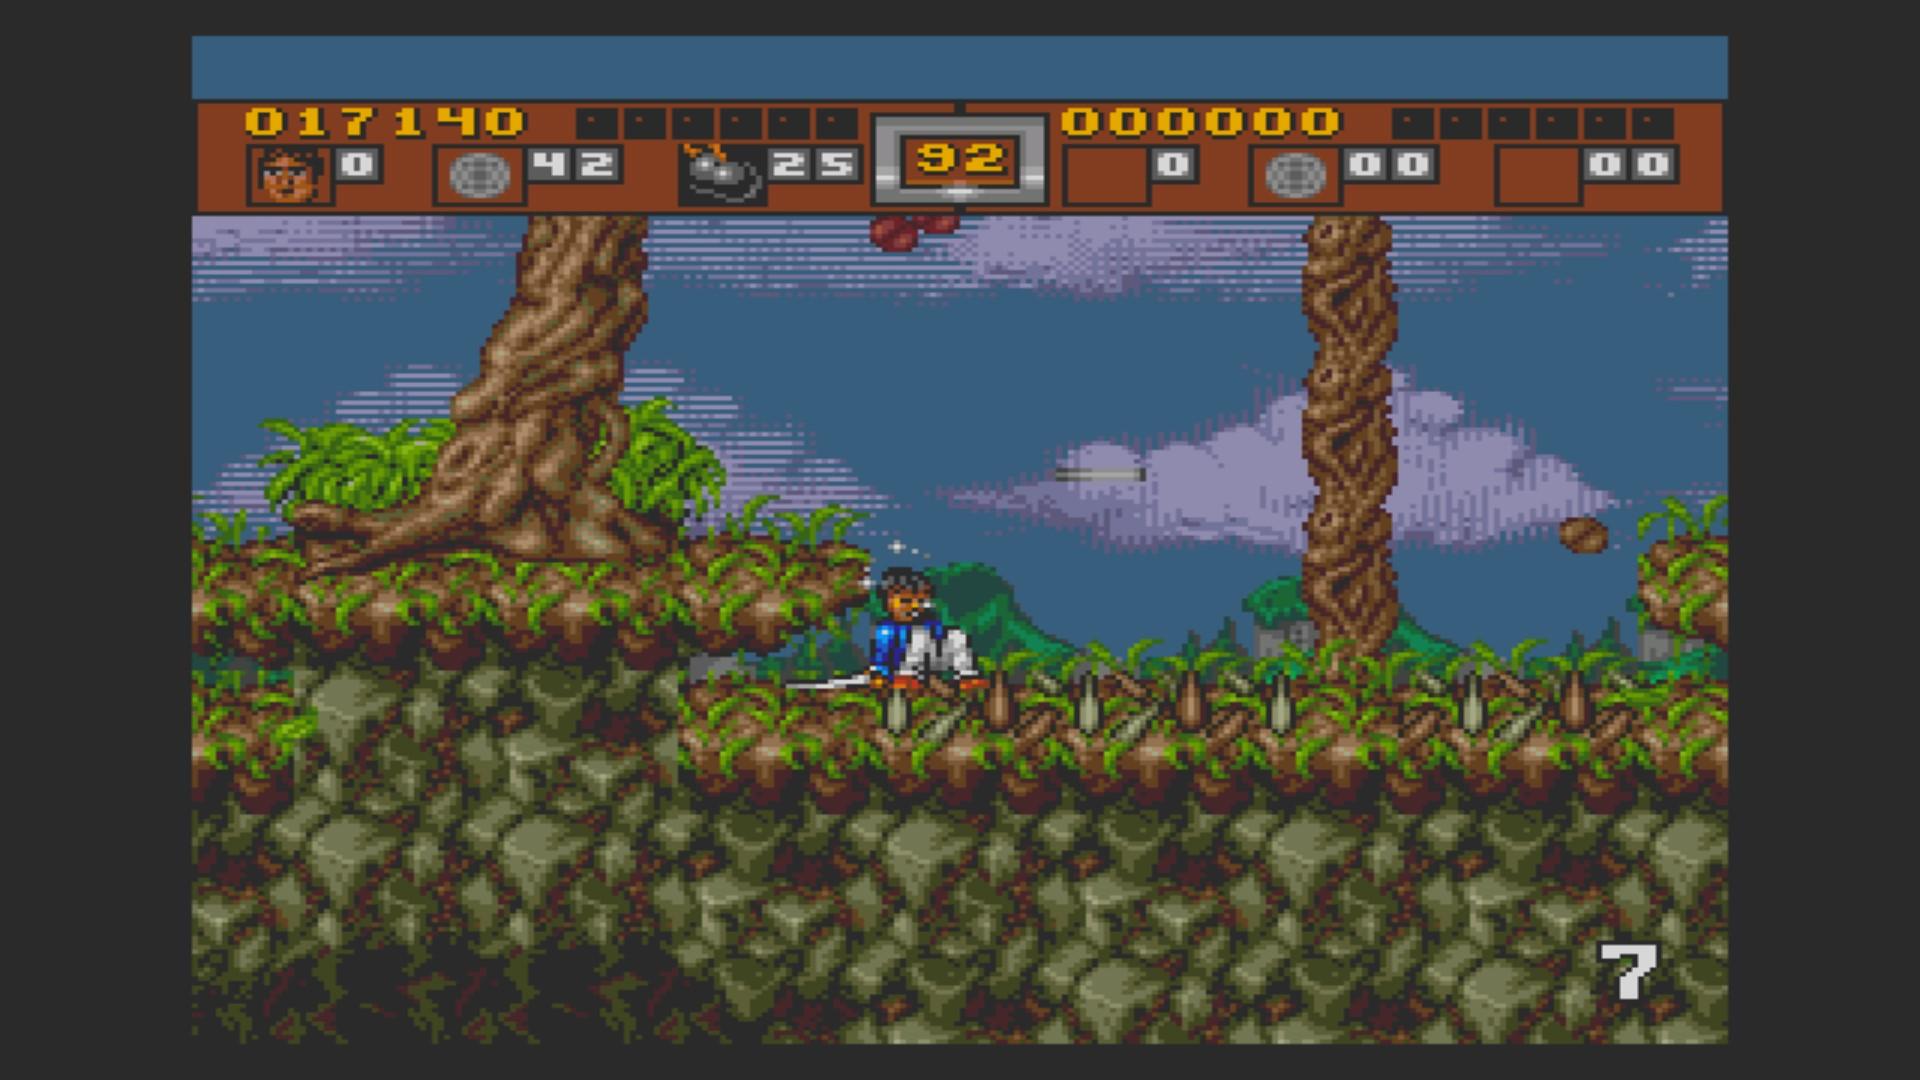 AkinNahtanoj: 3 Ninjas Kick Back (Sega Genesis / MegaDrive Emulated) 17,140 points on 2020-10-28 13:53:23